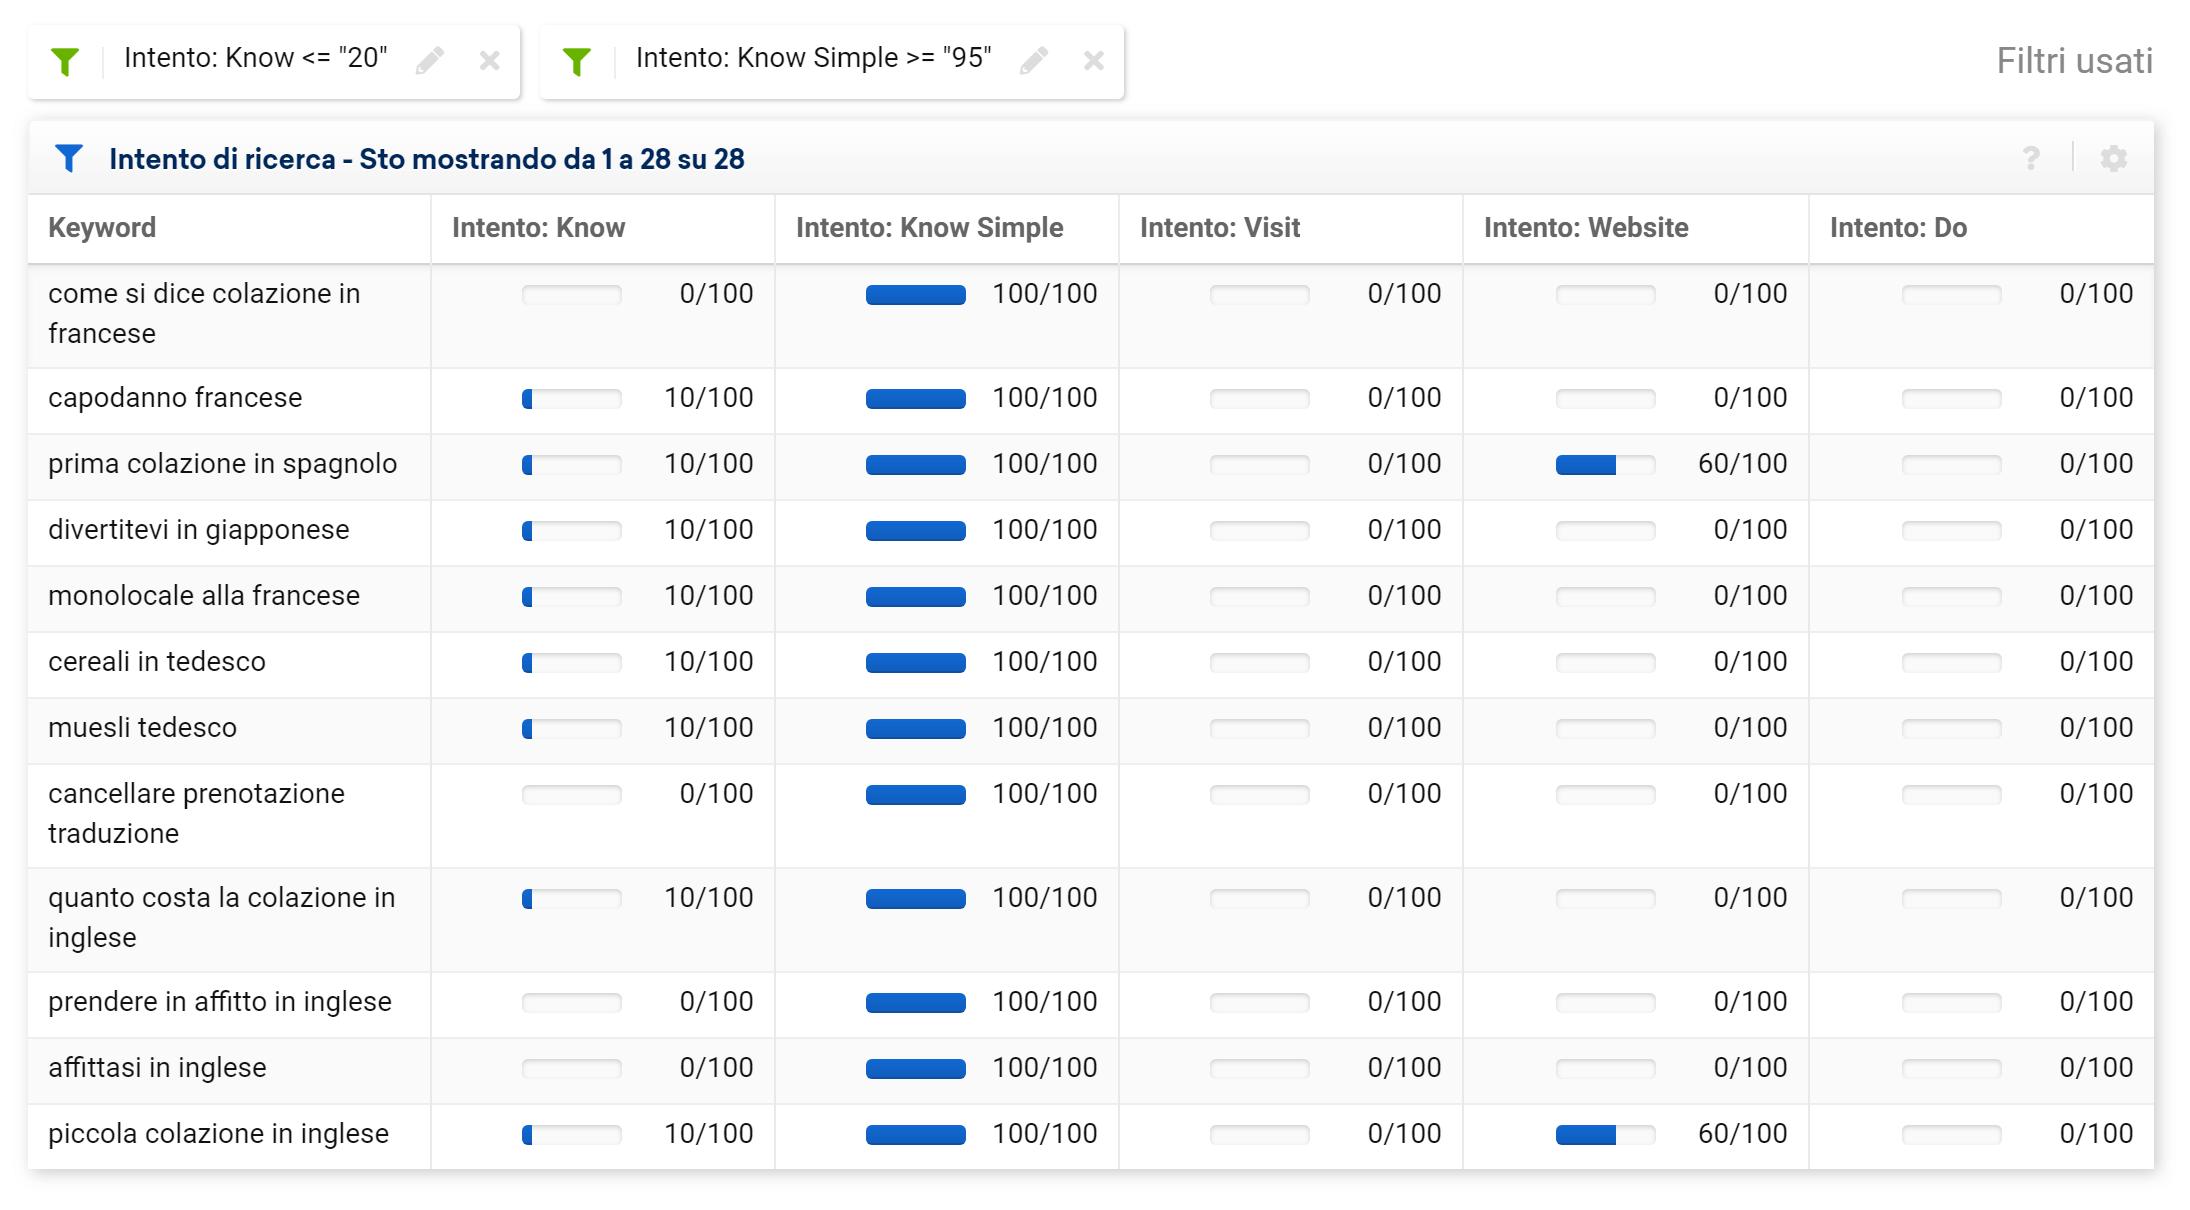 Toolbox SISTRIX: tabella contenente l'intento di ricerca delle keyword di un sito (e filtri aggiuntivi)